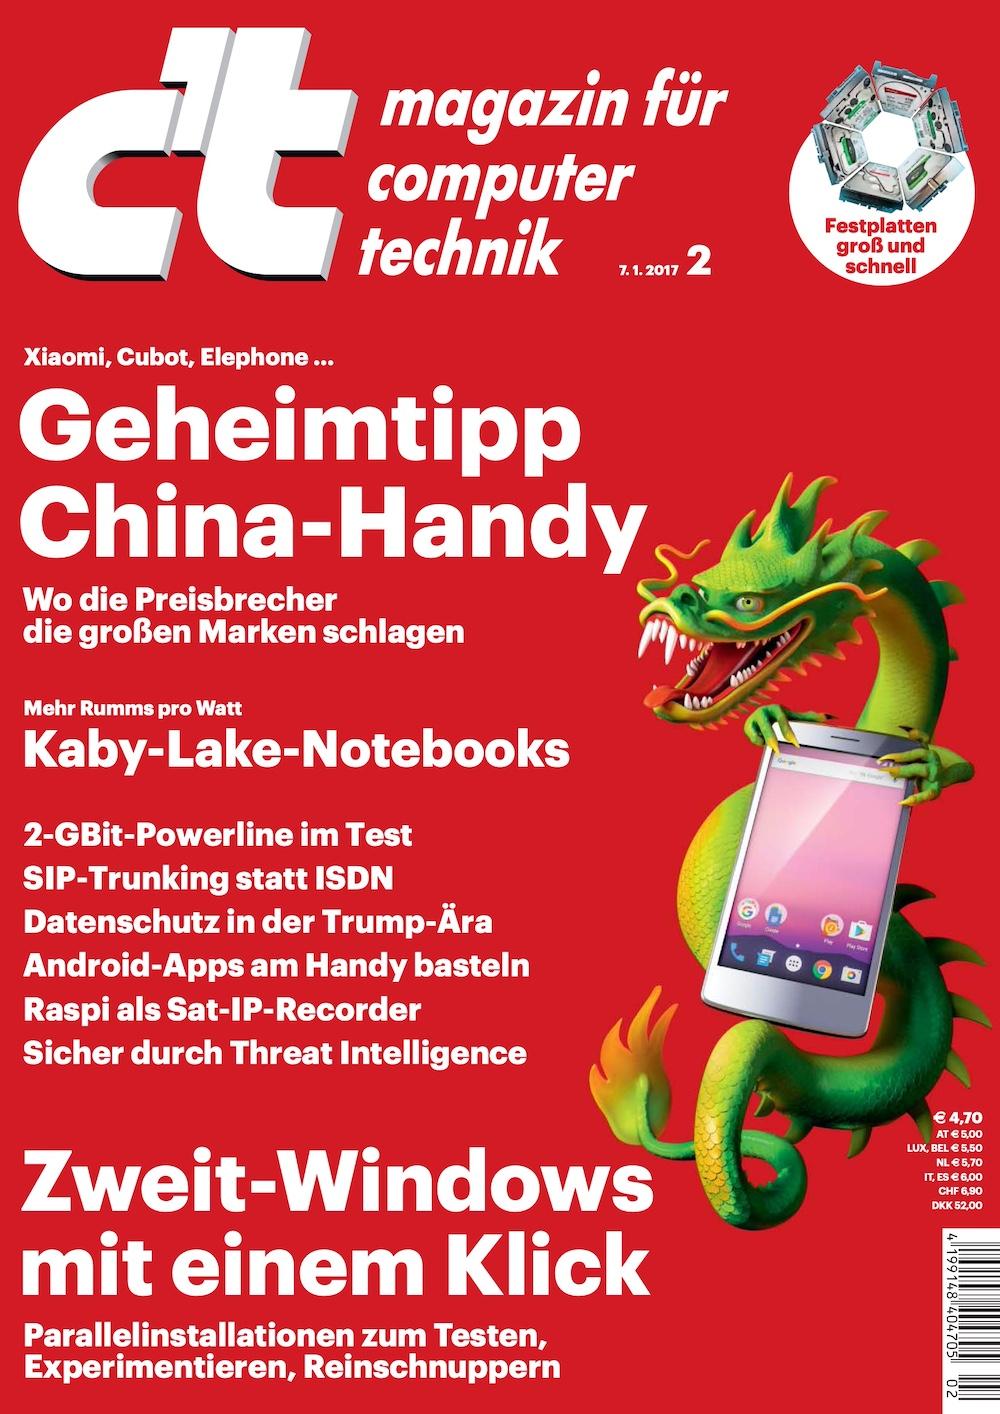 c't Magazin 2017-02